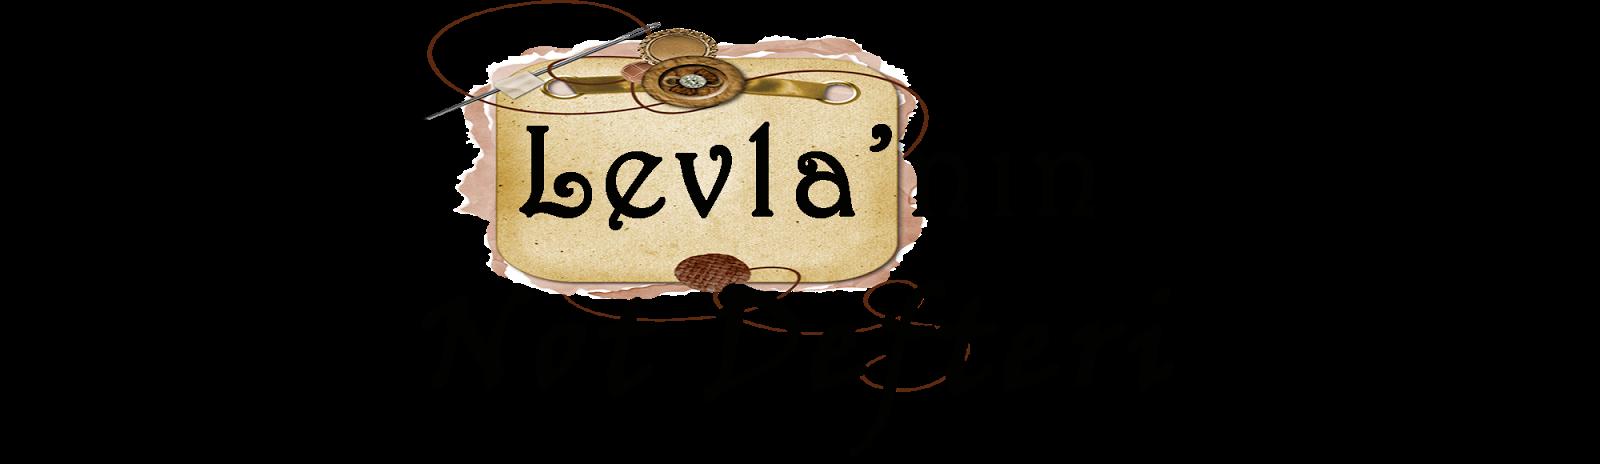 Levla'nın Not Defteri